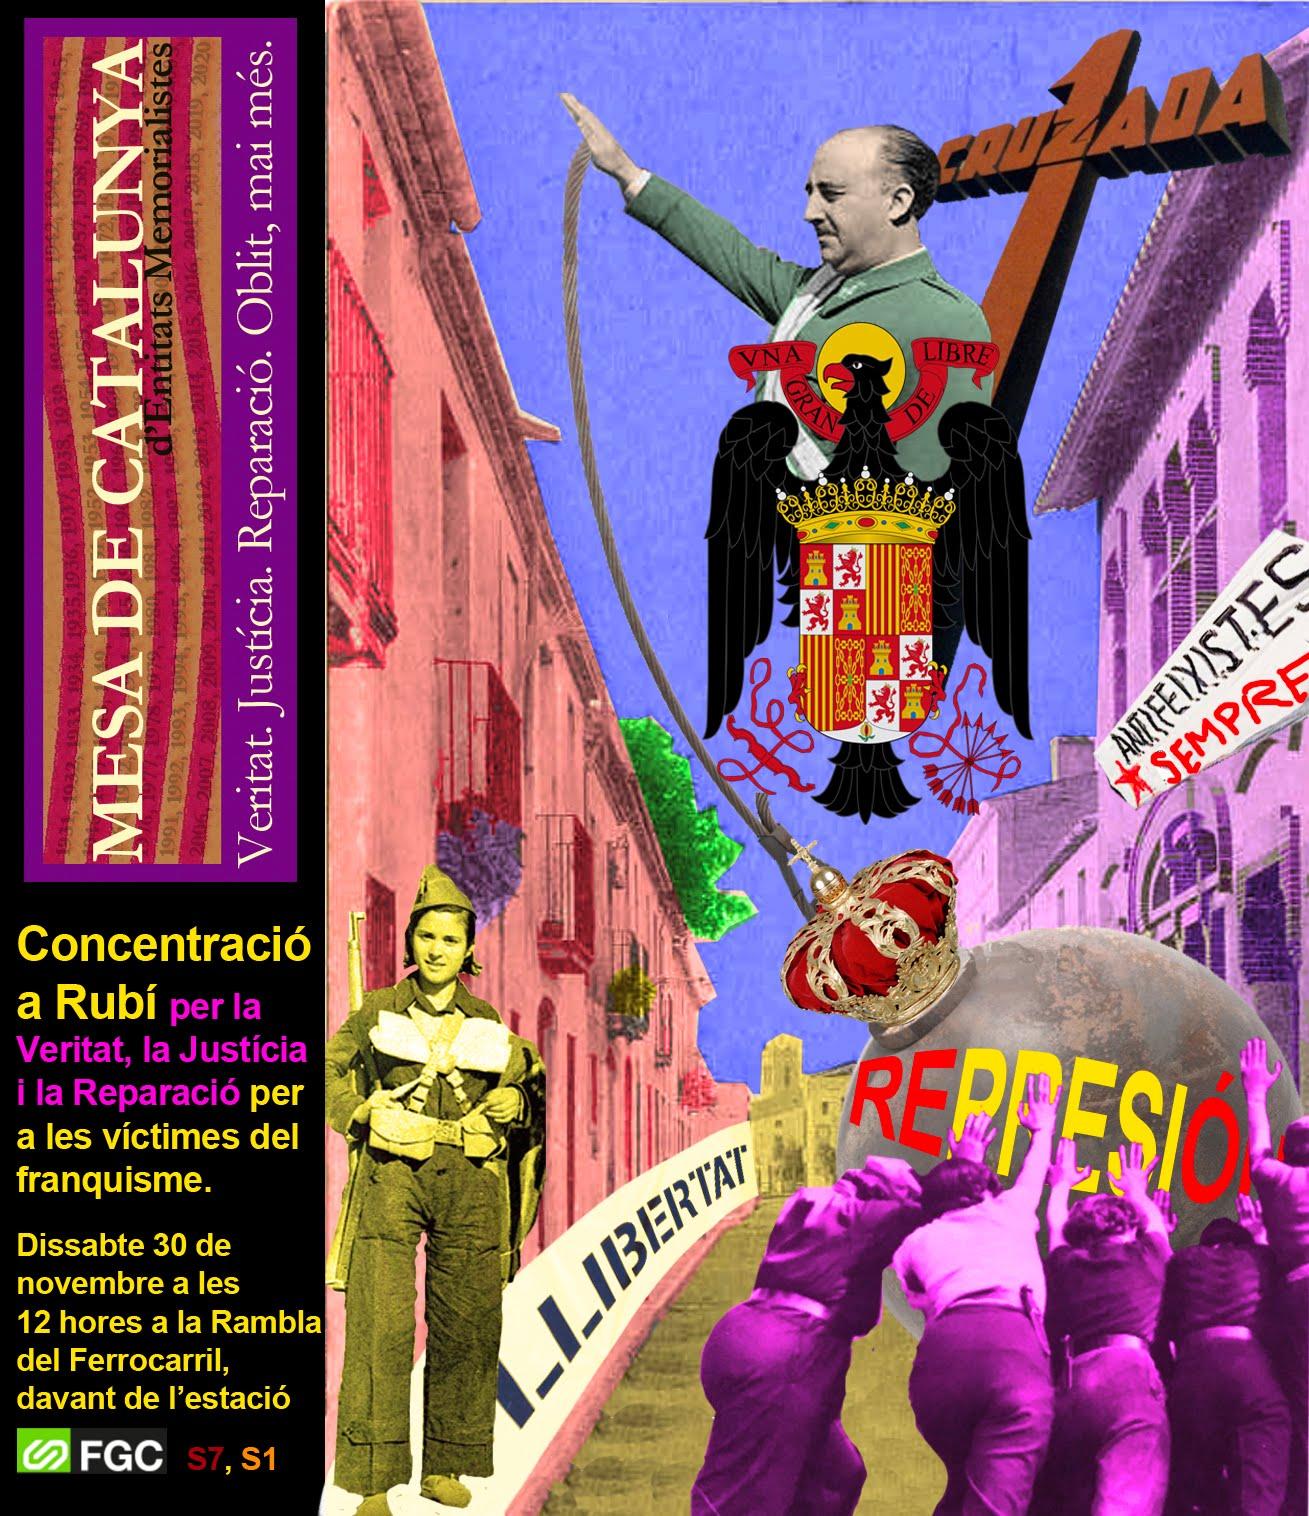 CENT NOVENA CONCENTRACIÓ